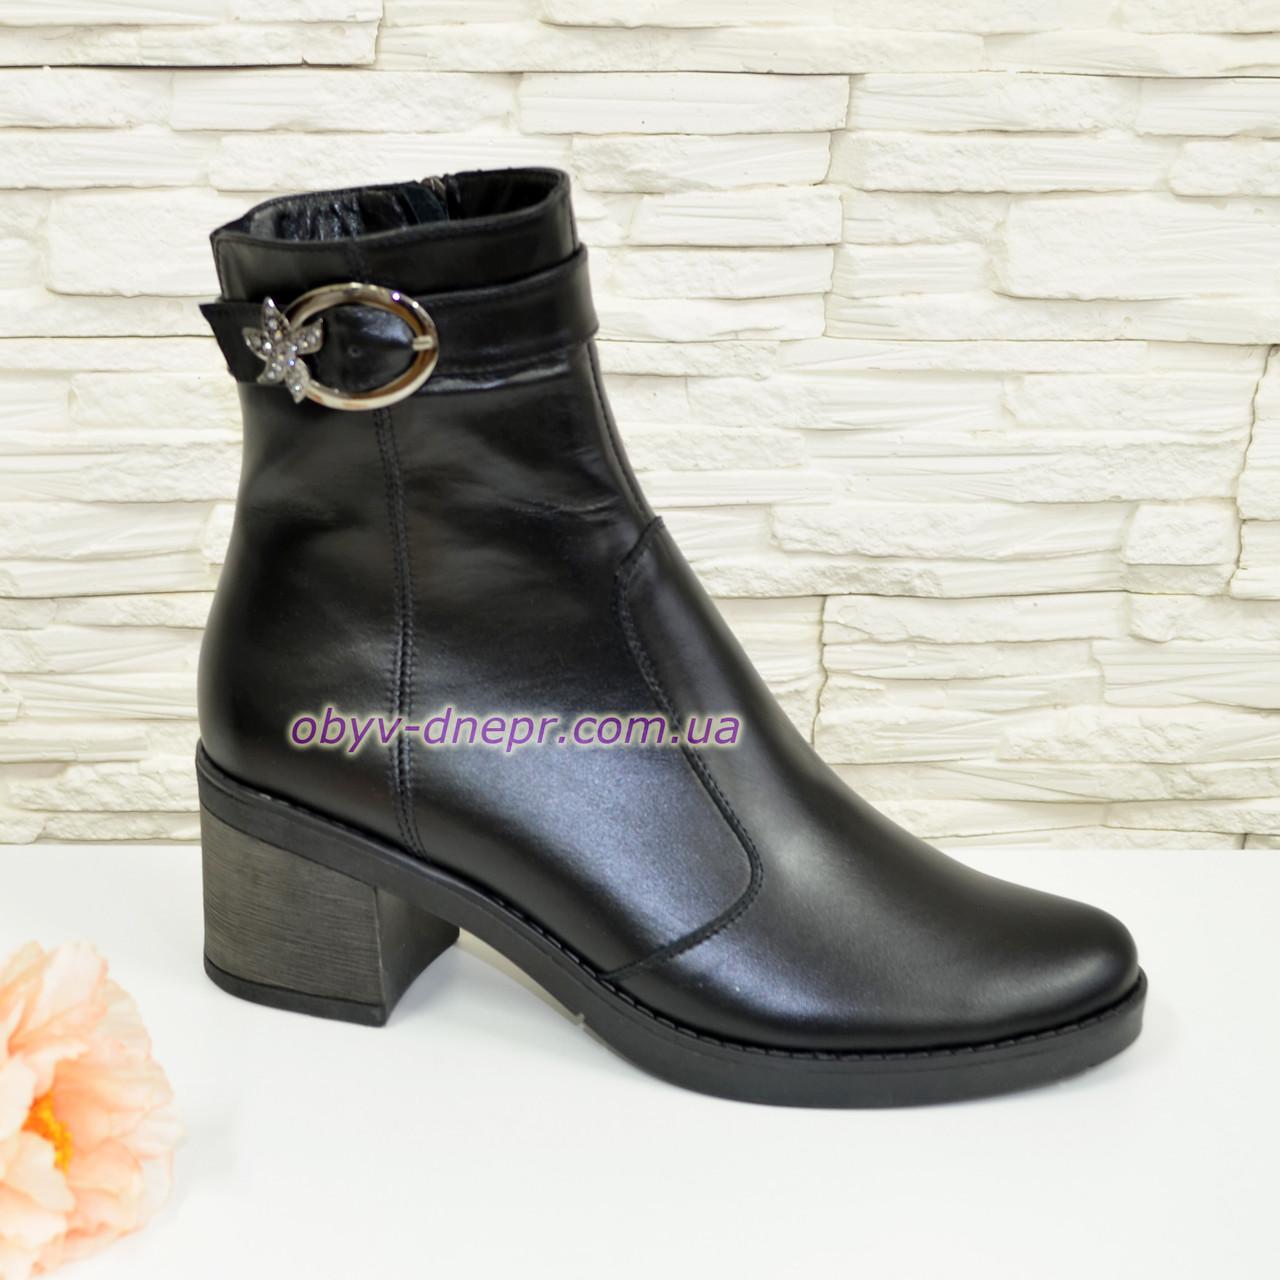 Ботинки черные женские кожаные, декорированы ремешком